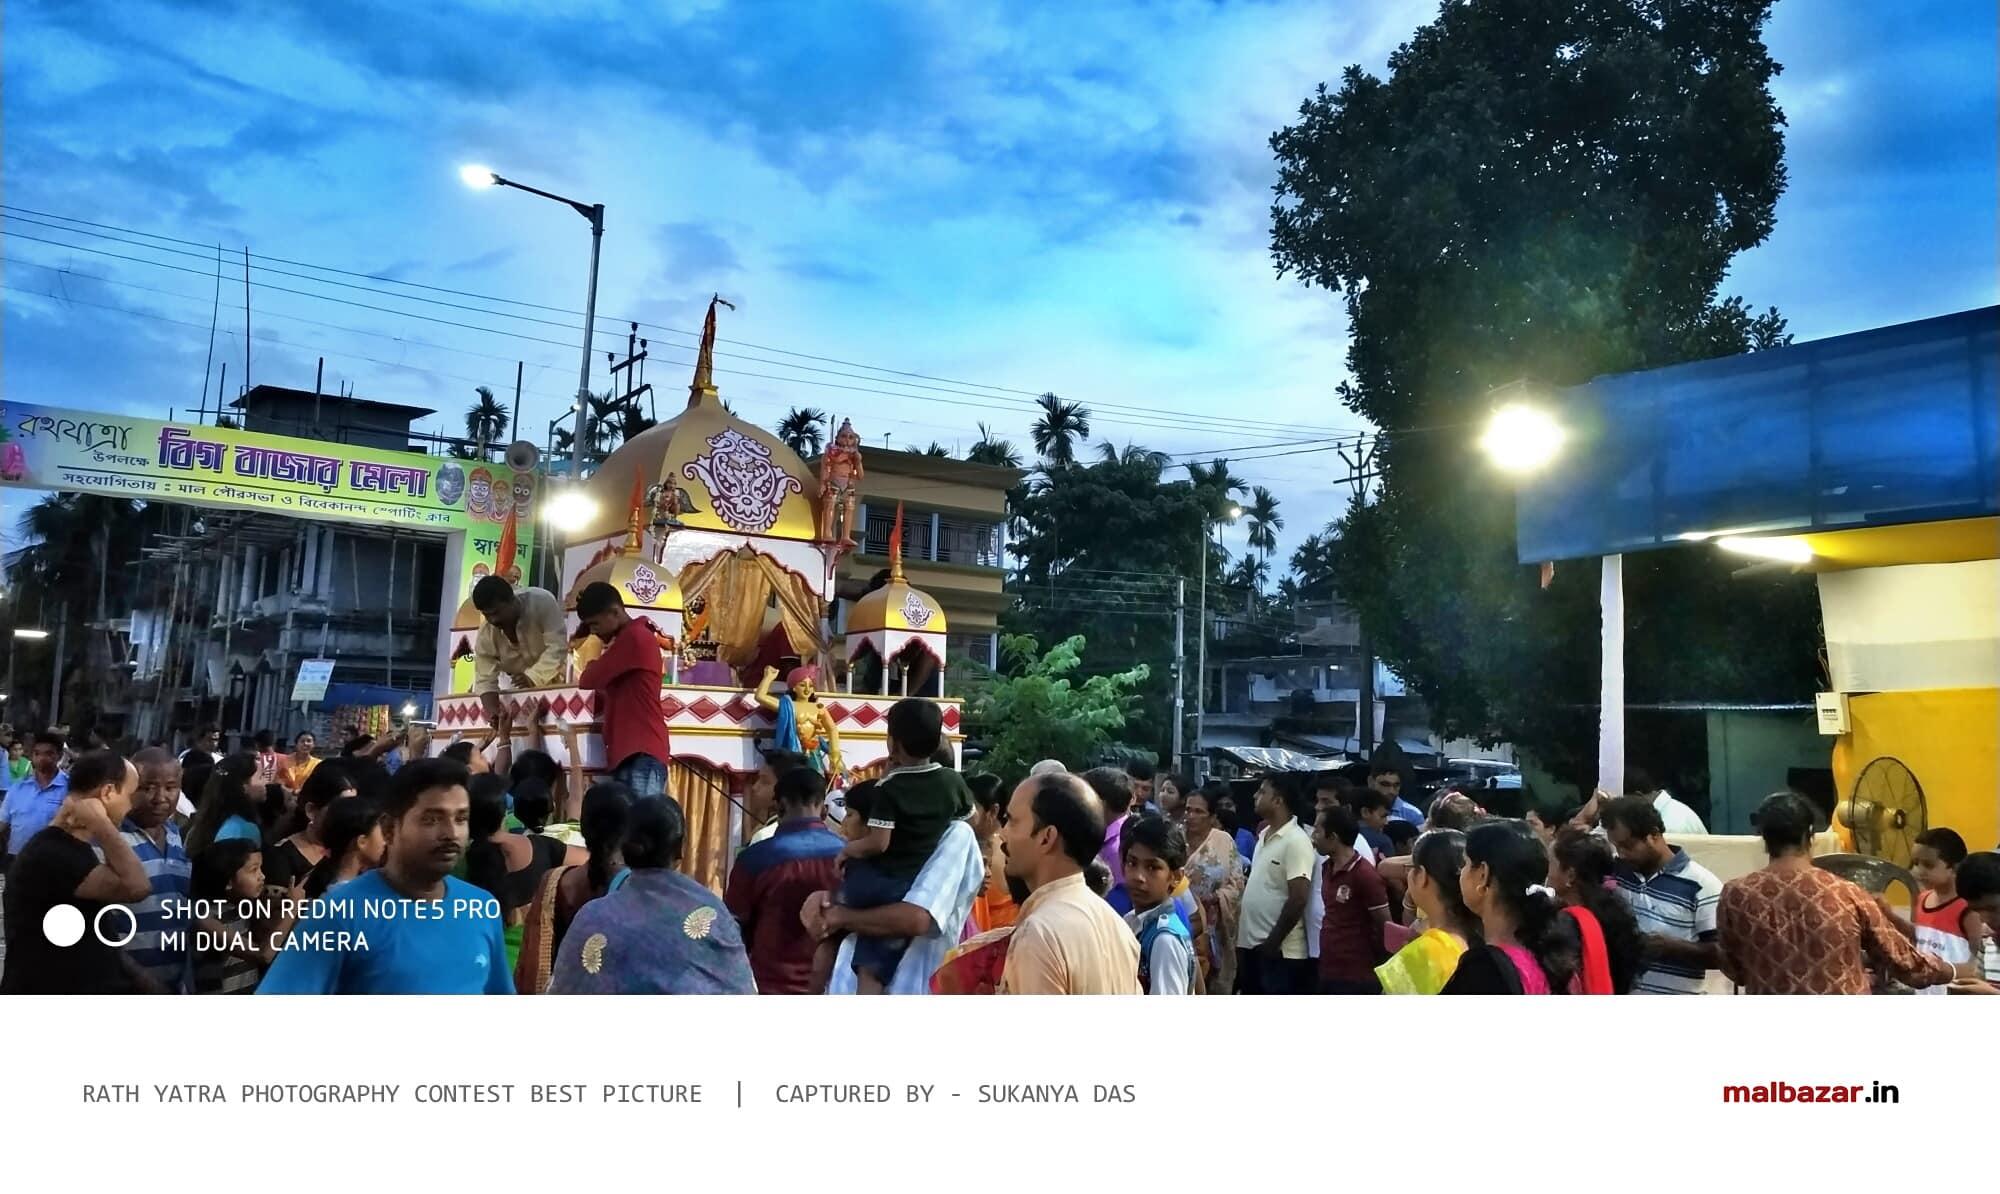 Rath Yatra in Malbazar 2018 by Sukanya Das